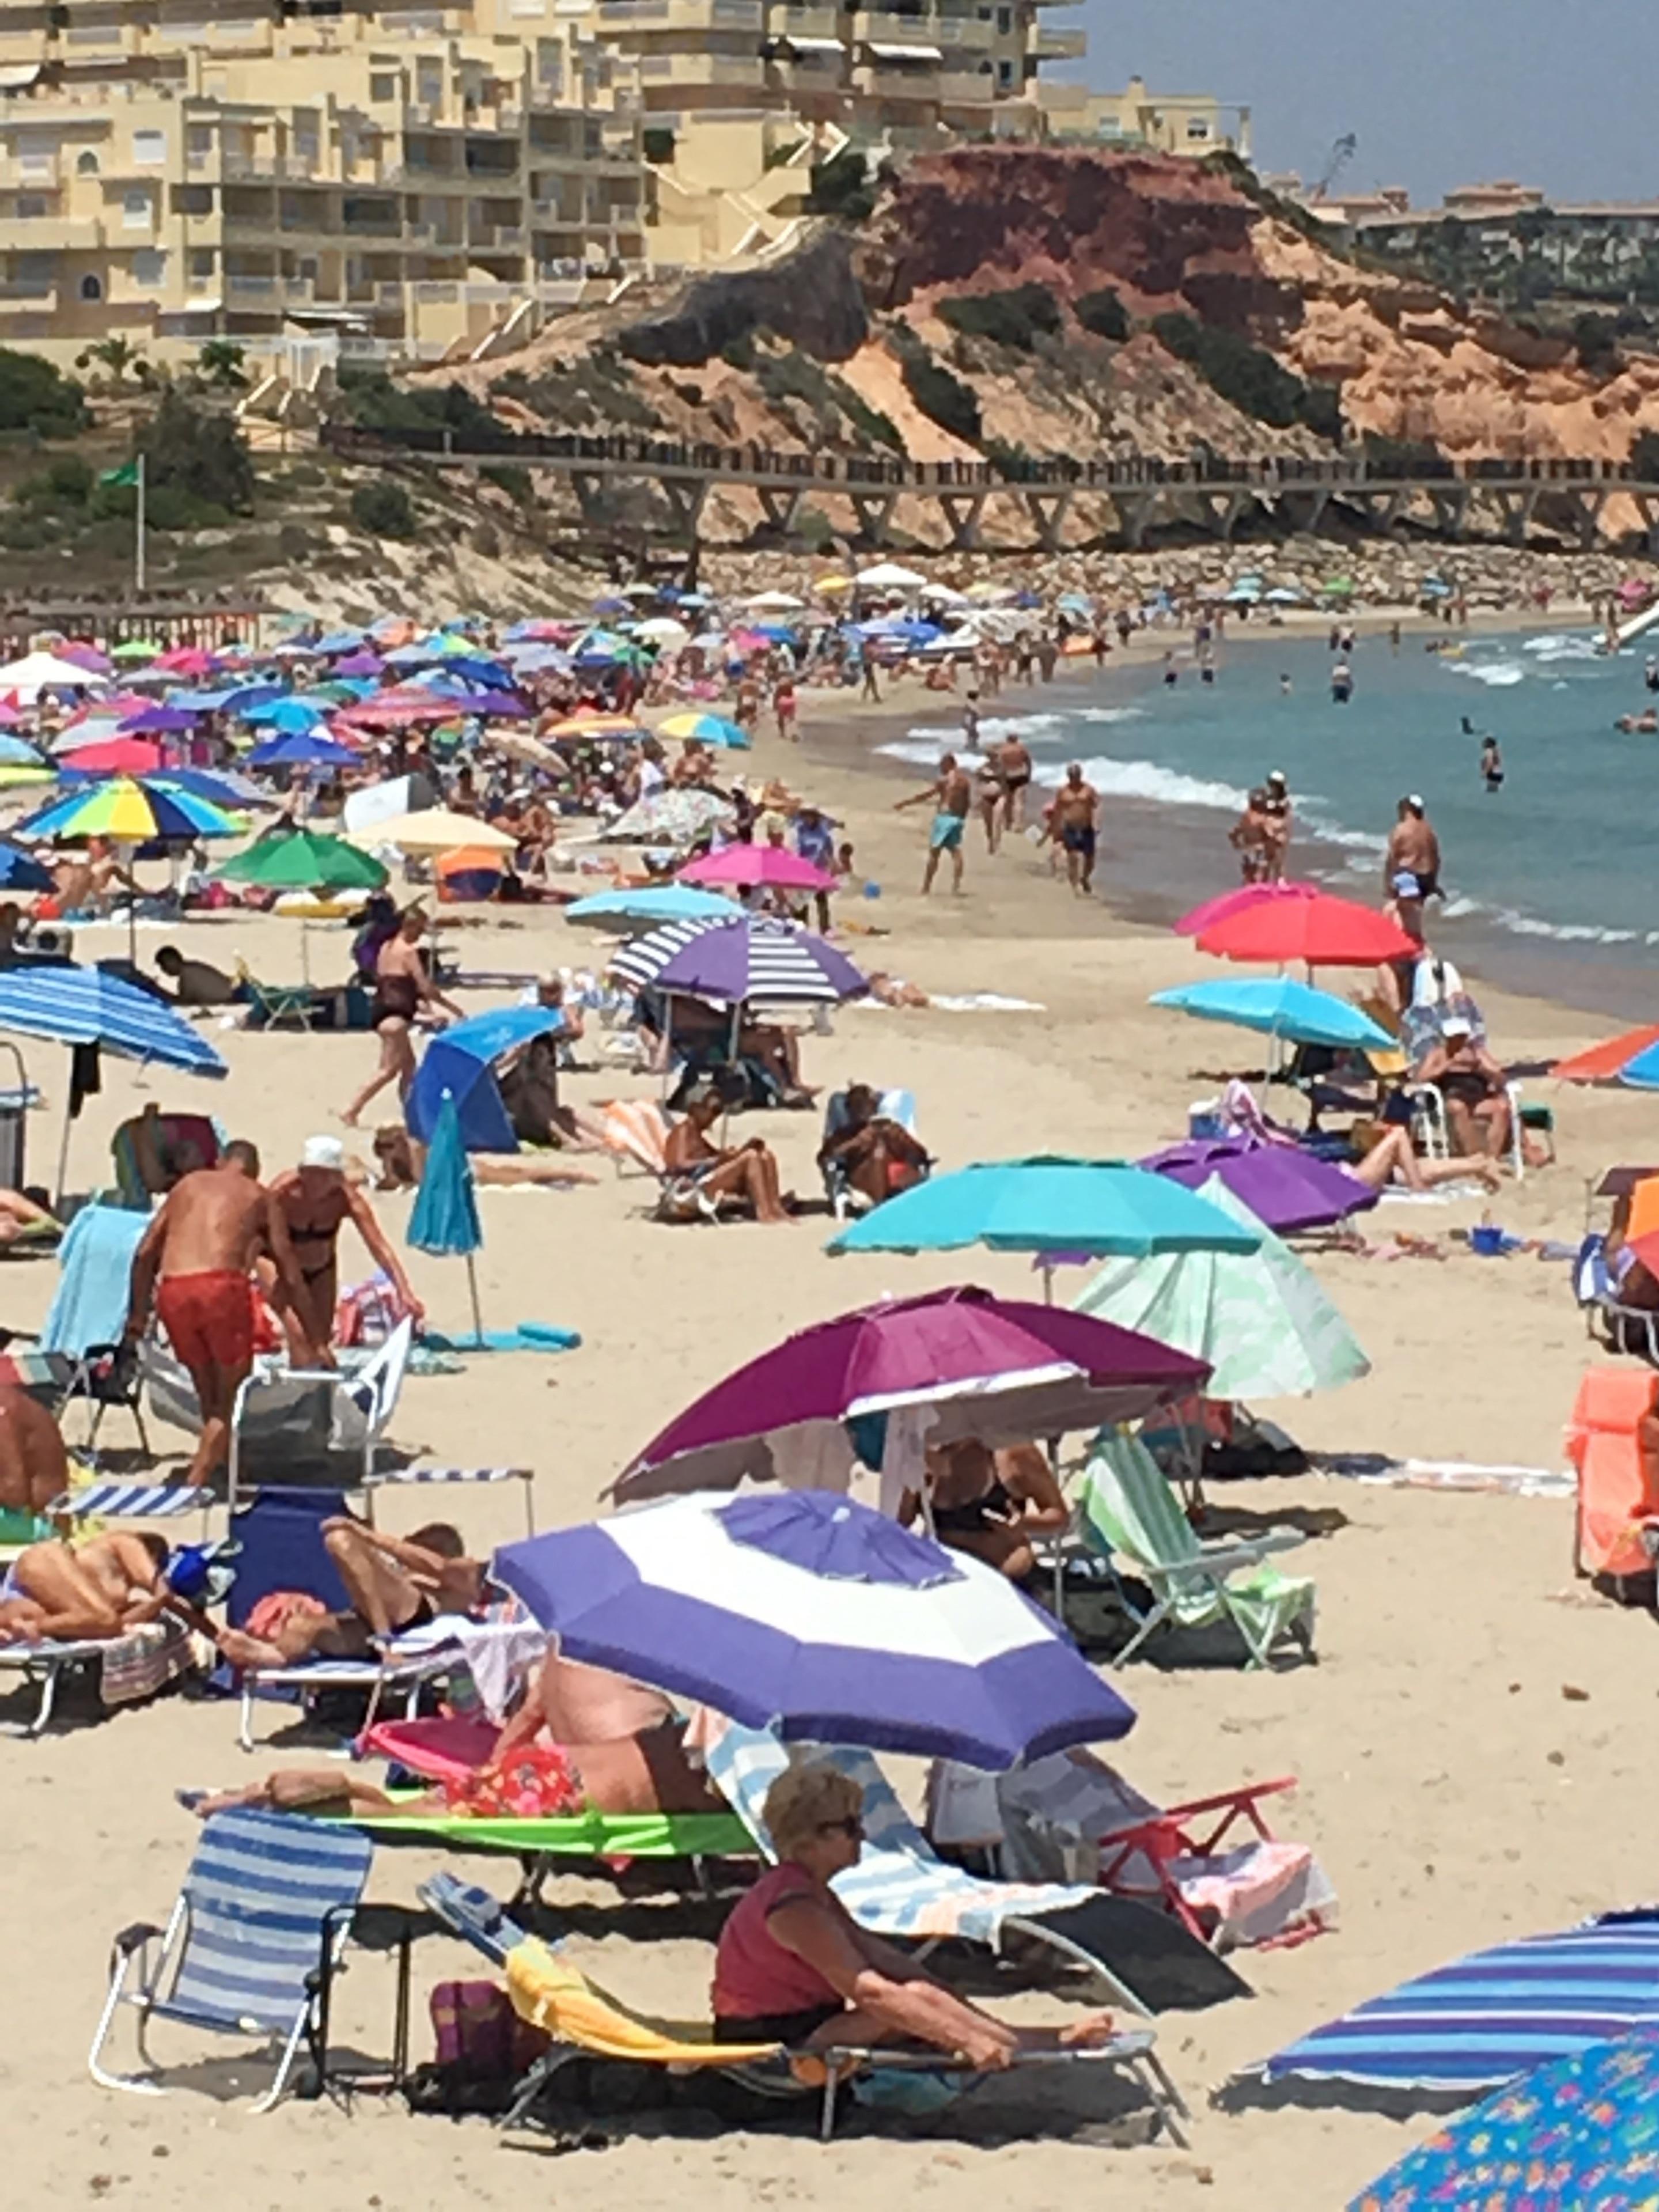 Playa de Campoamor - La Glea, Orihuela, Valencian Community, Spain